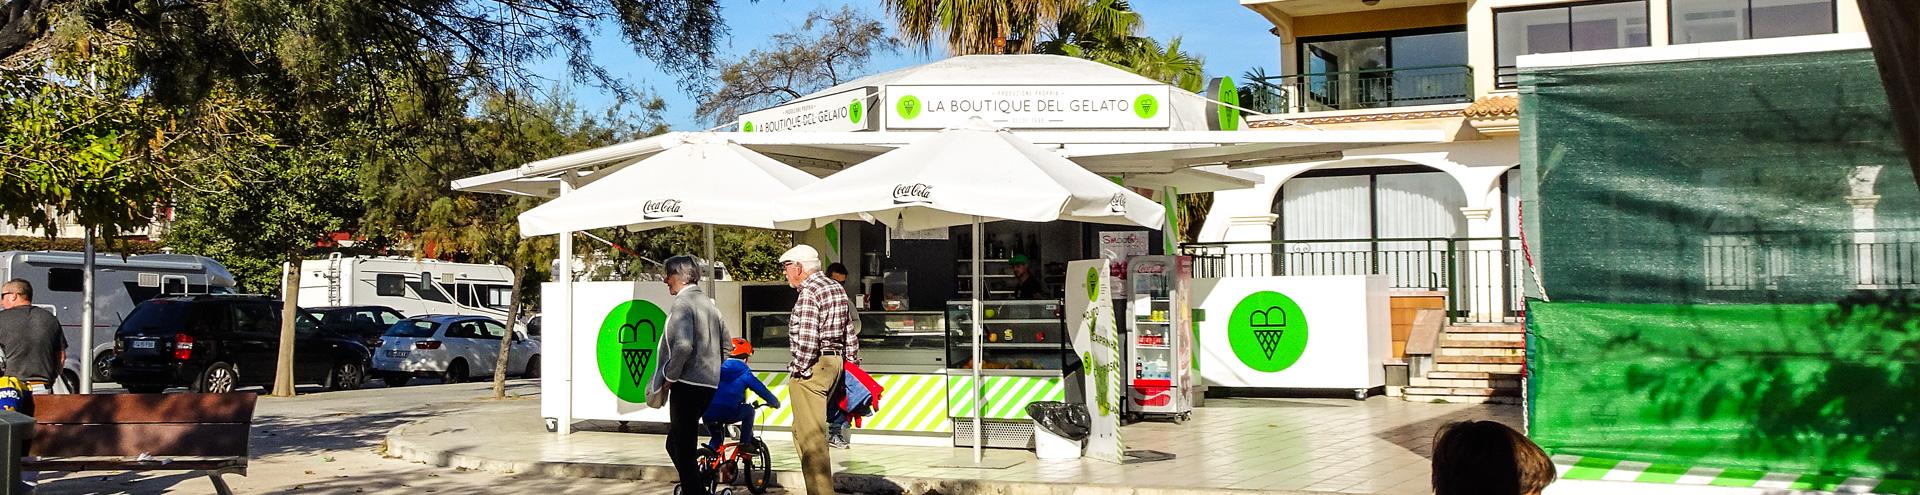 La Boutique del Gelato Ciudad Jardín